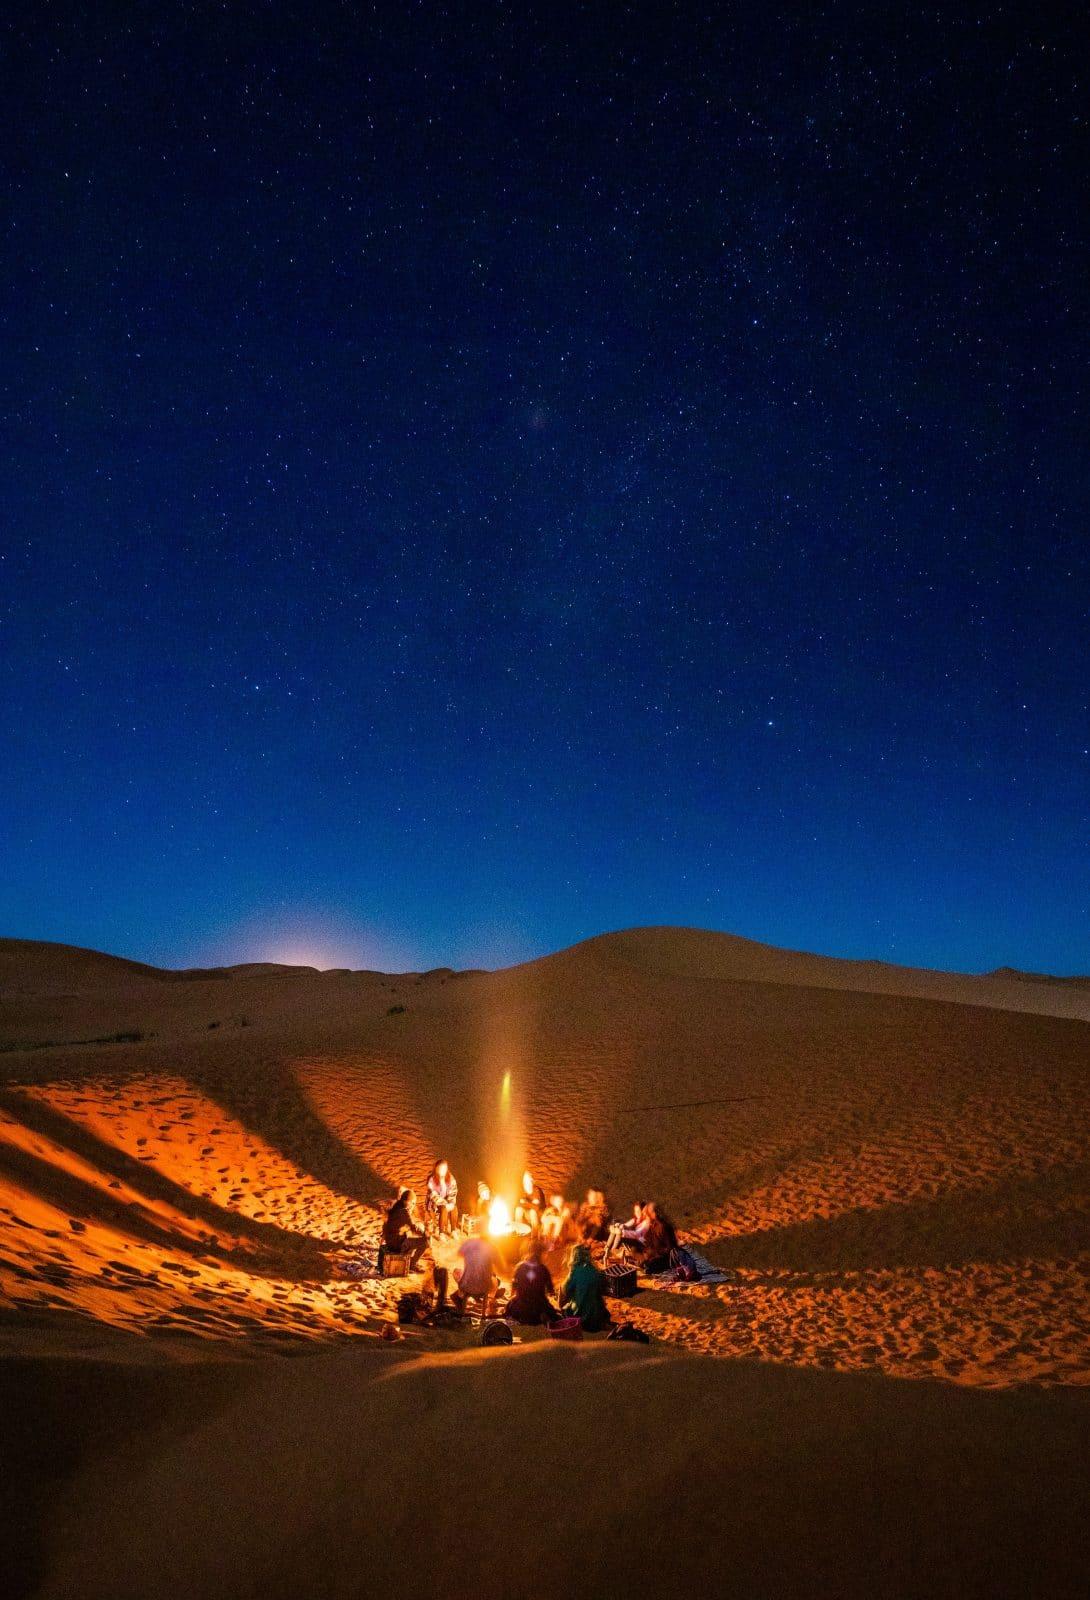 Sterrenhemel Sahara Woestijn